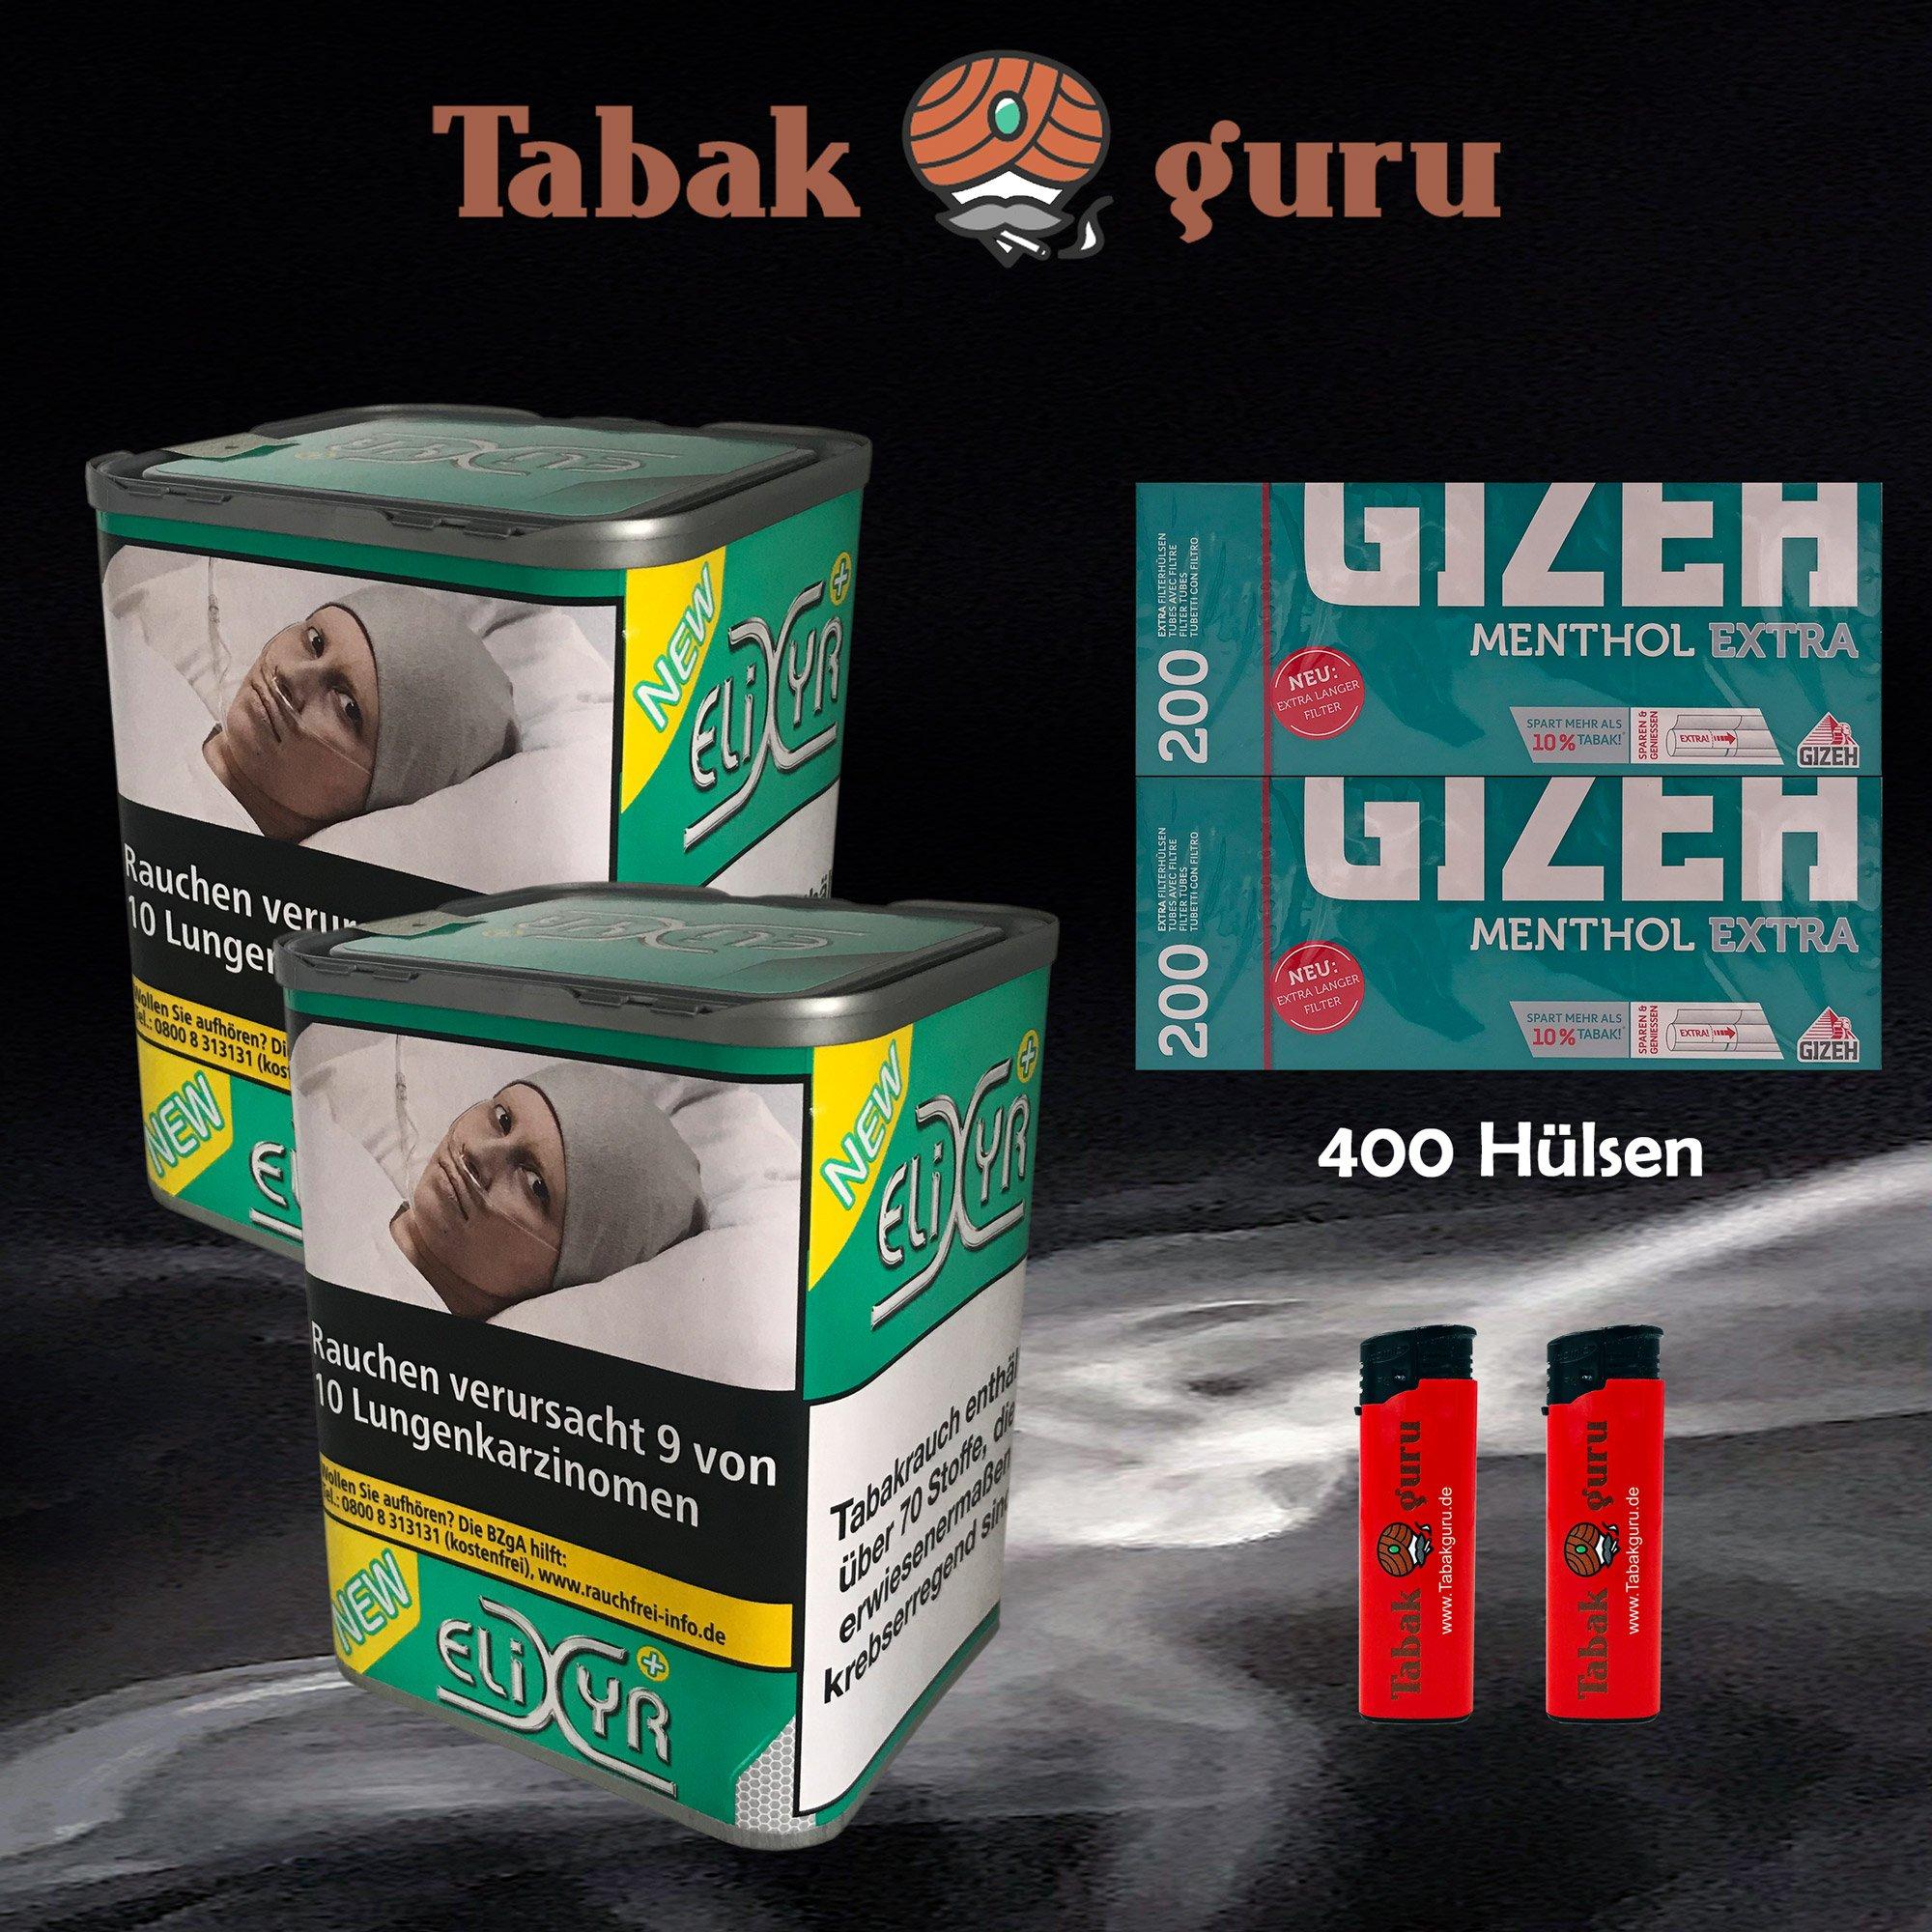 2 x Elixyr PLUS Tabak 115g Zigarettentabak + Gizeh Menthol Extra Hülsen + Feuerzeuge